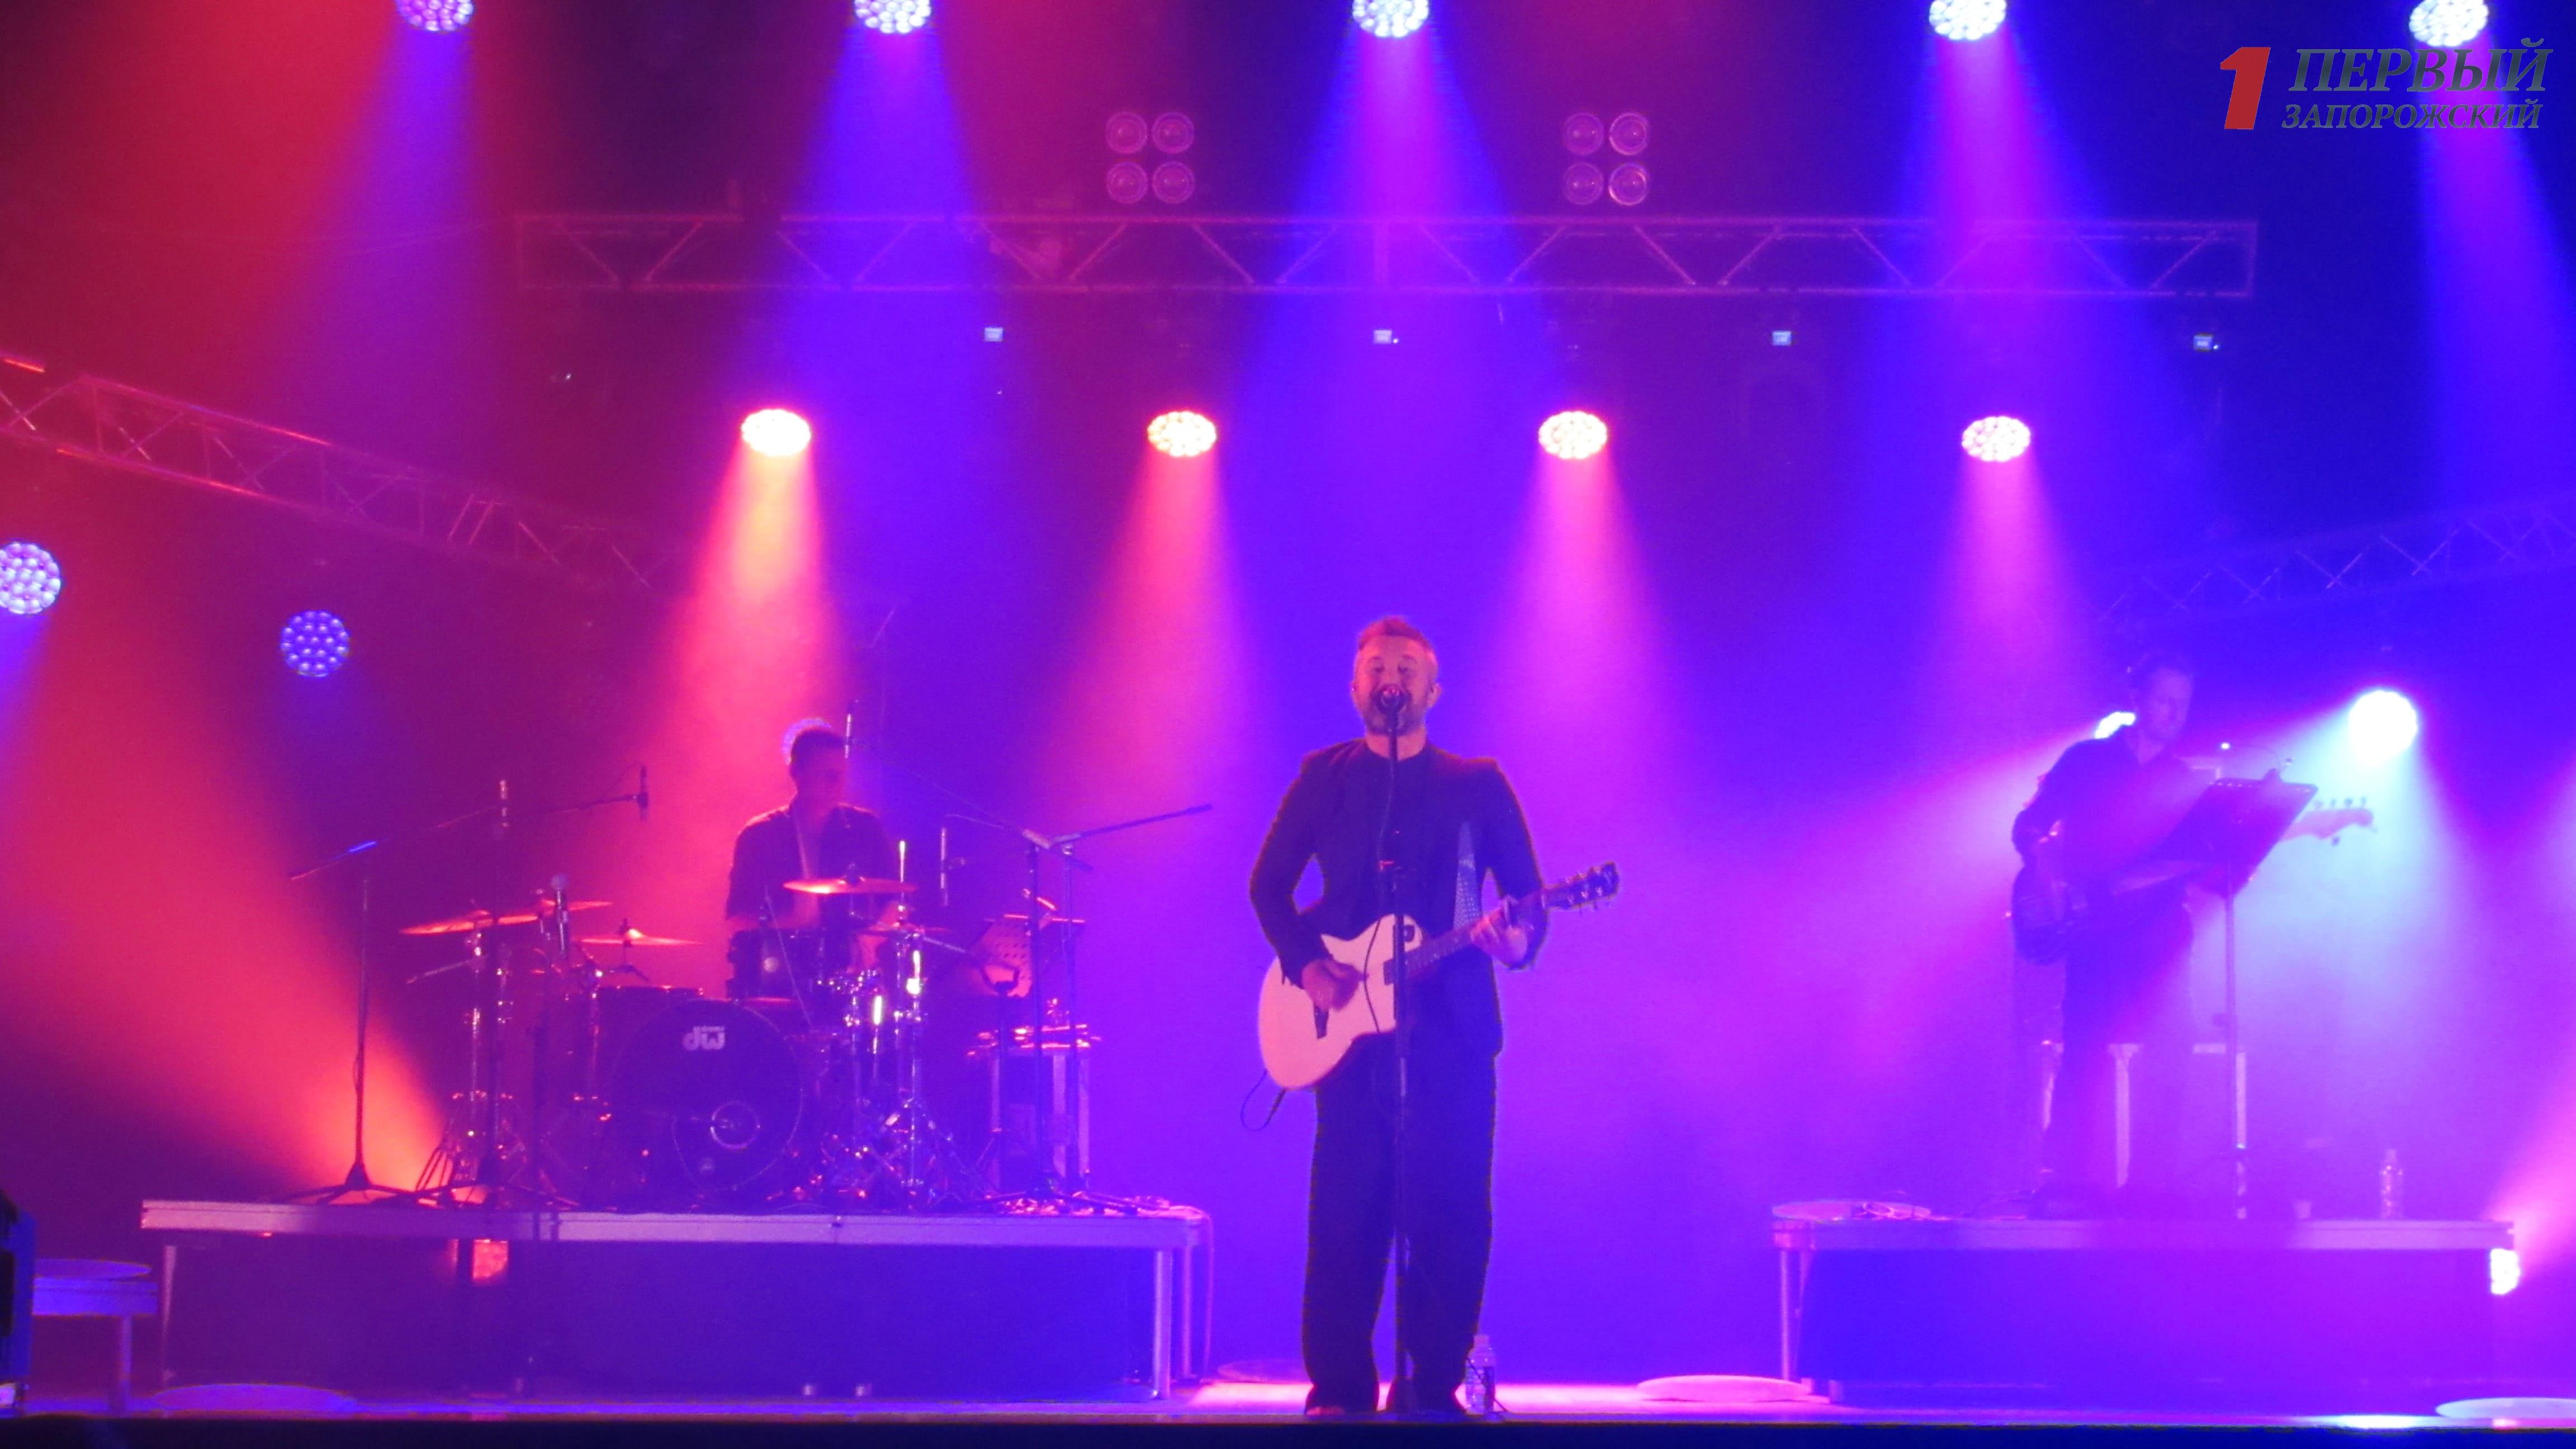 Трогательно, душевно и тепло: Сергей Бабкин начал гастрольный тур с презентацией альбома «Музасфера» в Запорожье – ФОТО, ВИДЕО